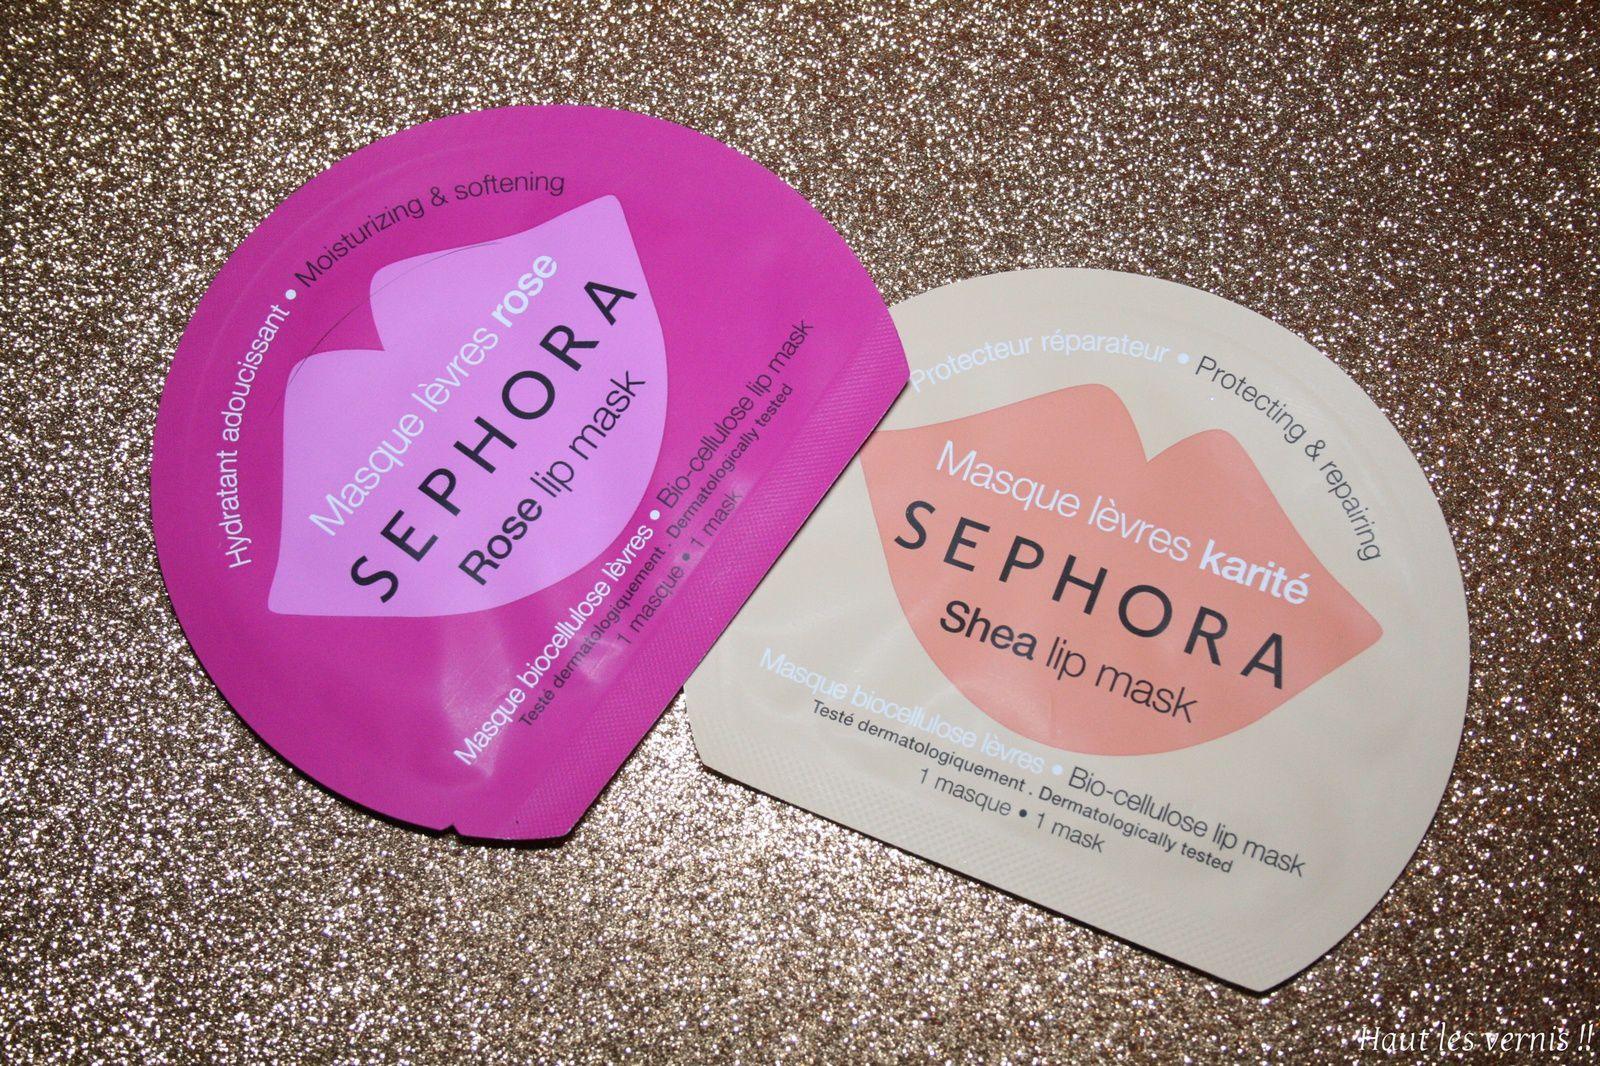 Sephora, nouveautés soins spécifiques...